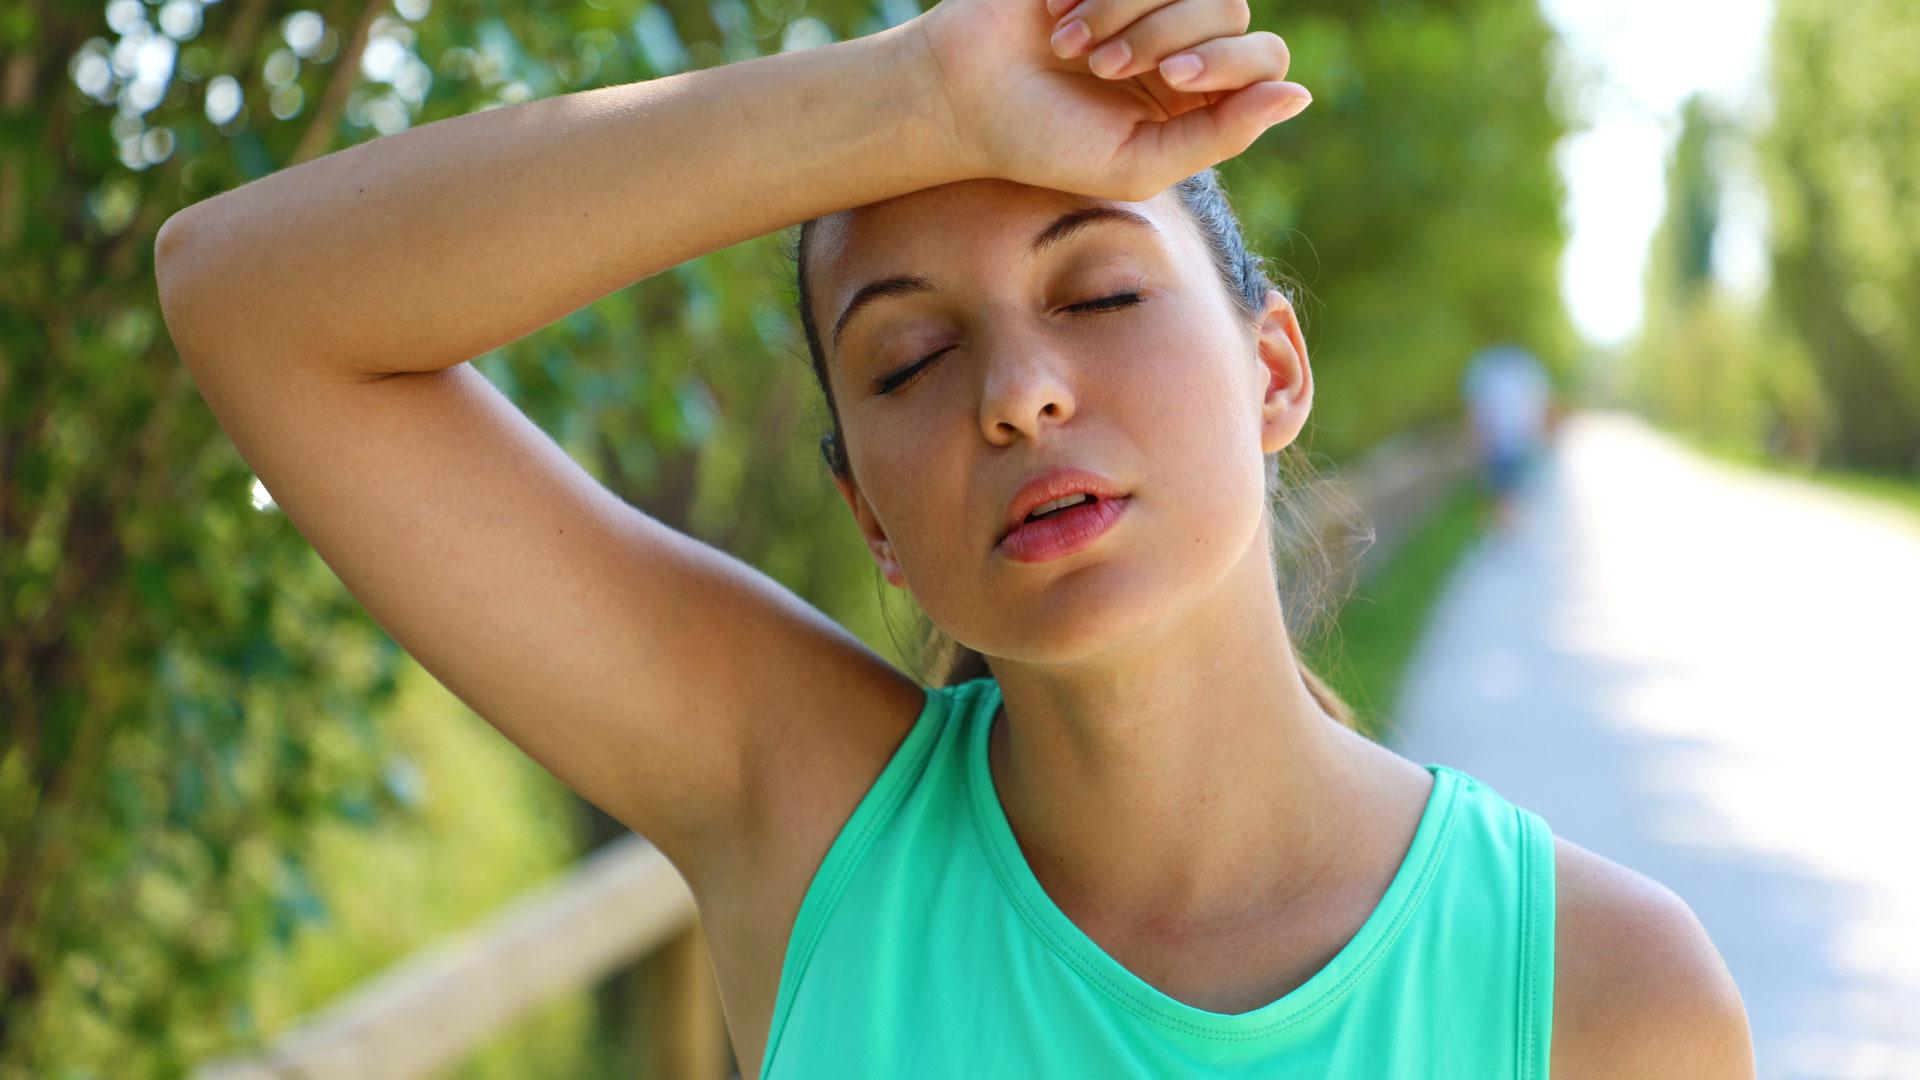 Saiba quais são as 7 principais doenças de verão